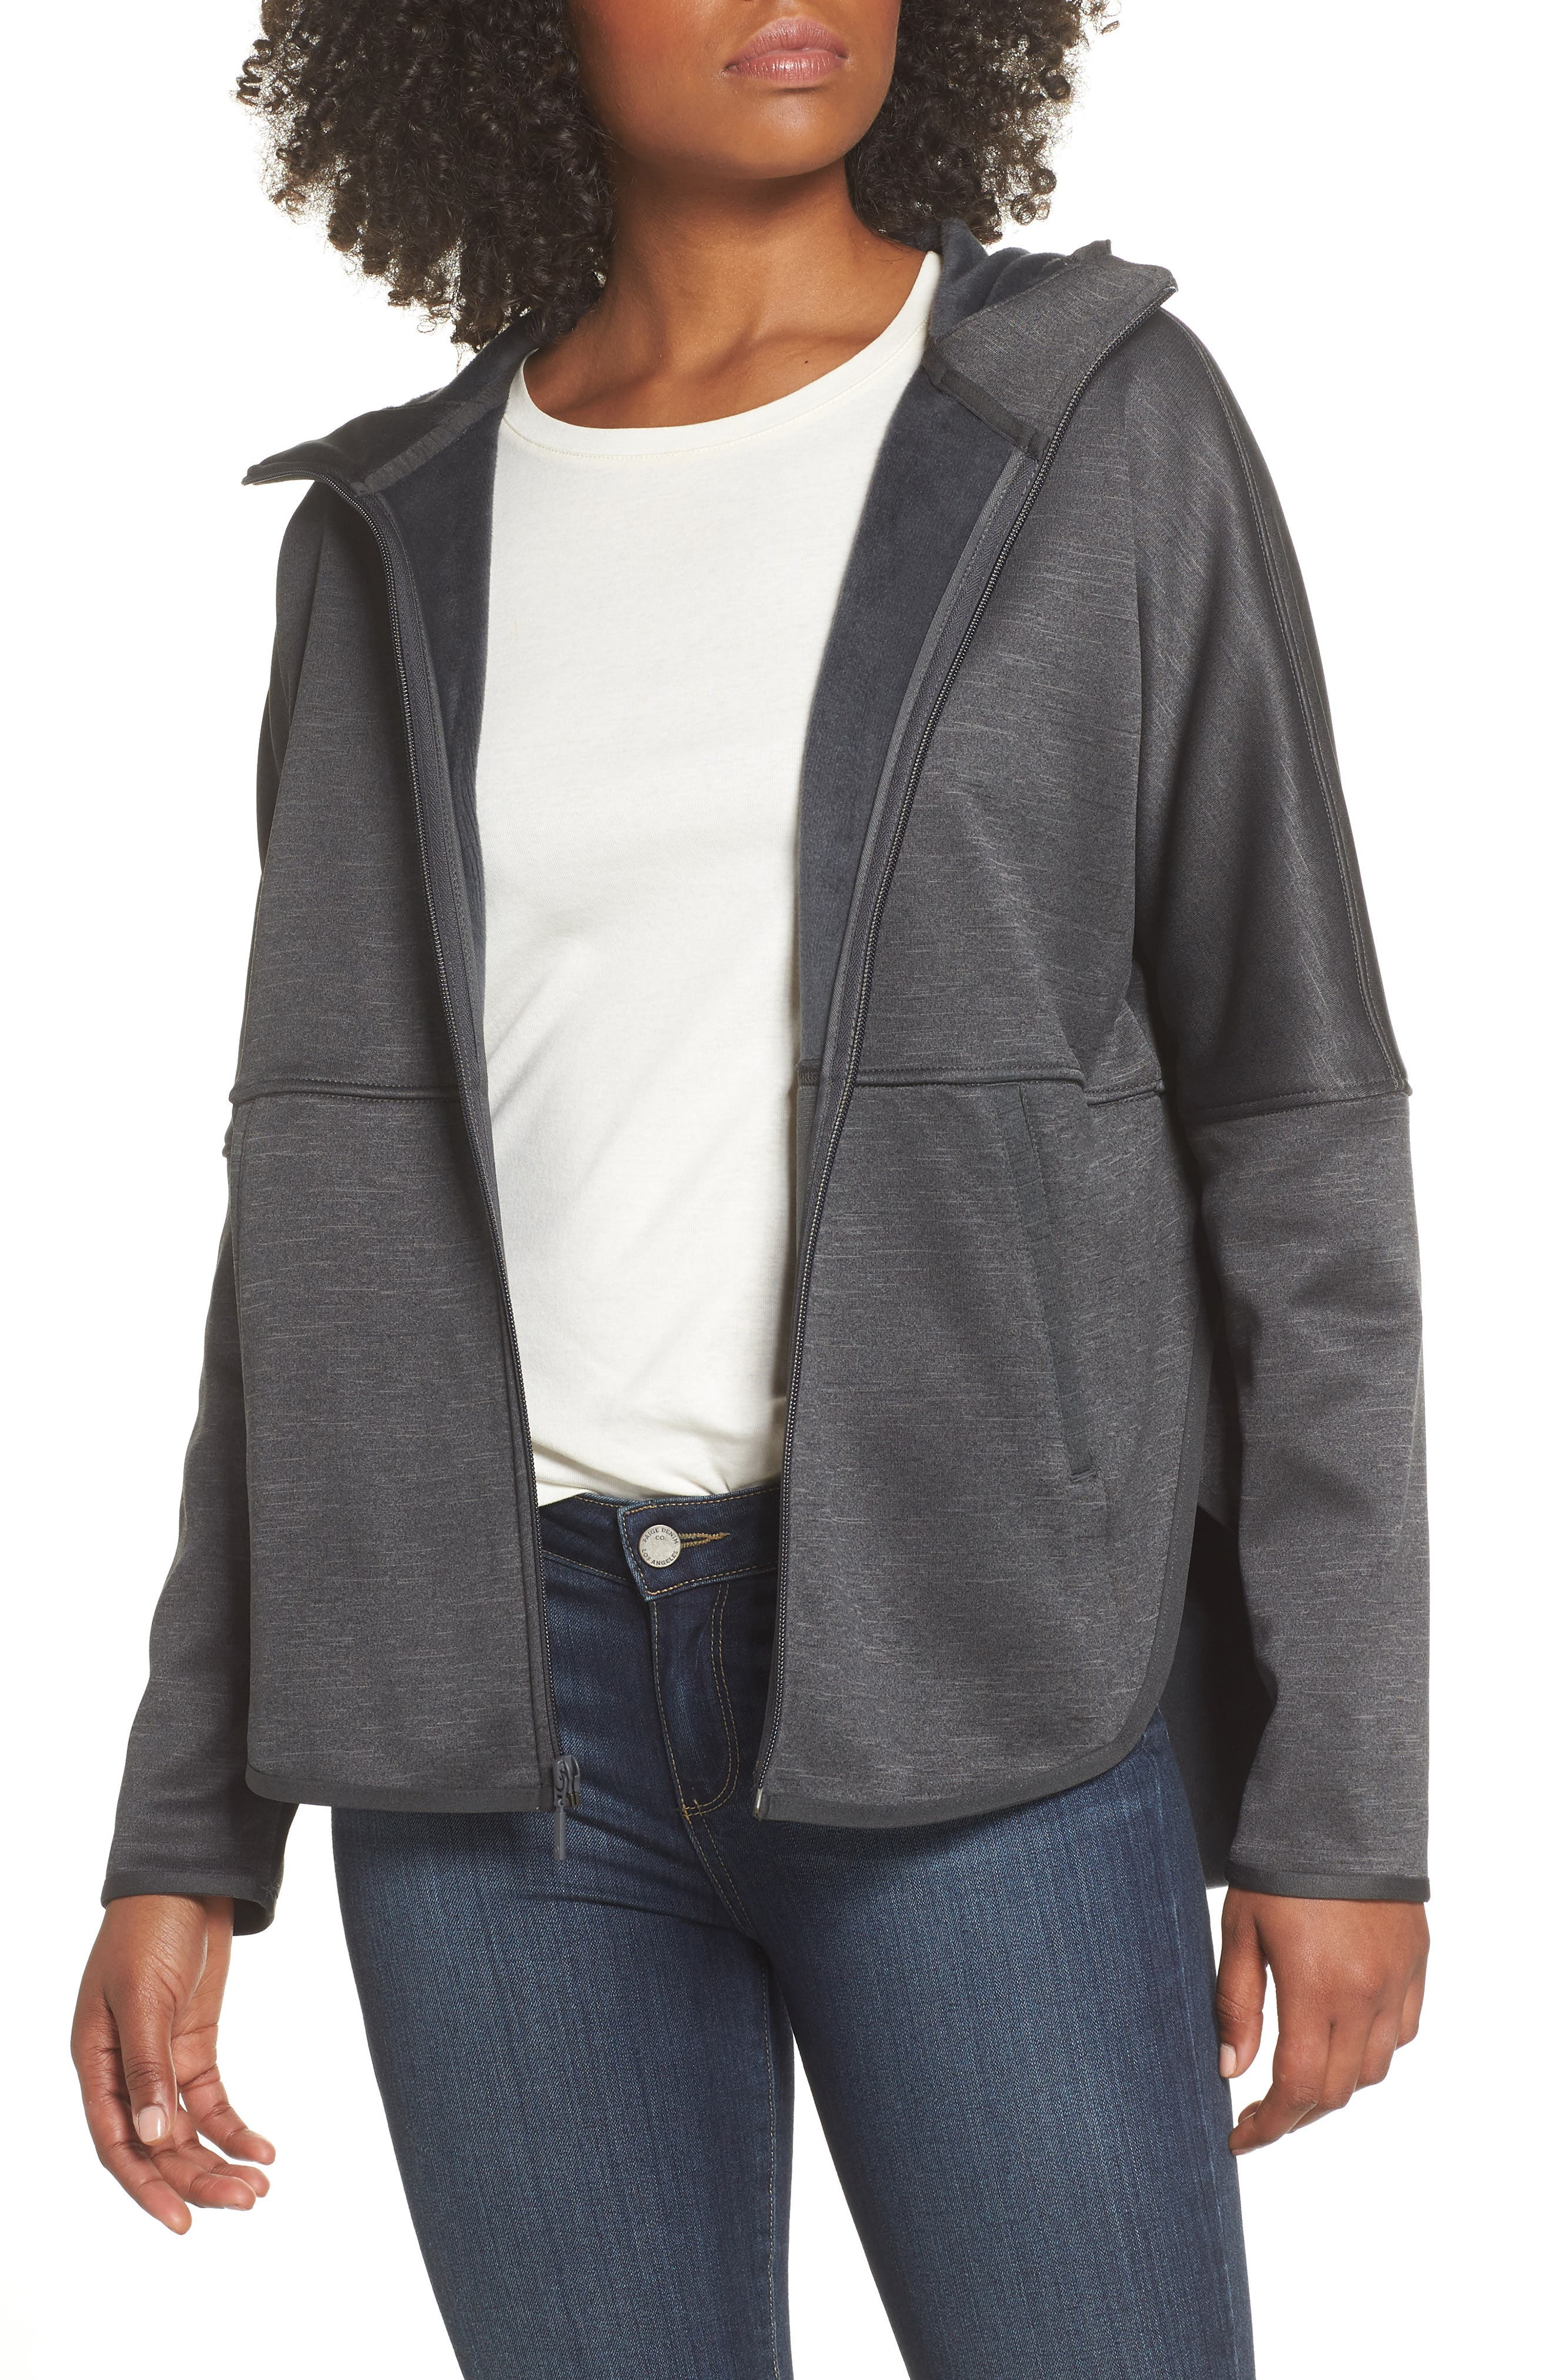 Cozy Slacker Jacket,                         Main,                         color, TNF DARK GREY HEATHER